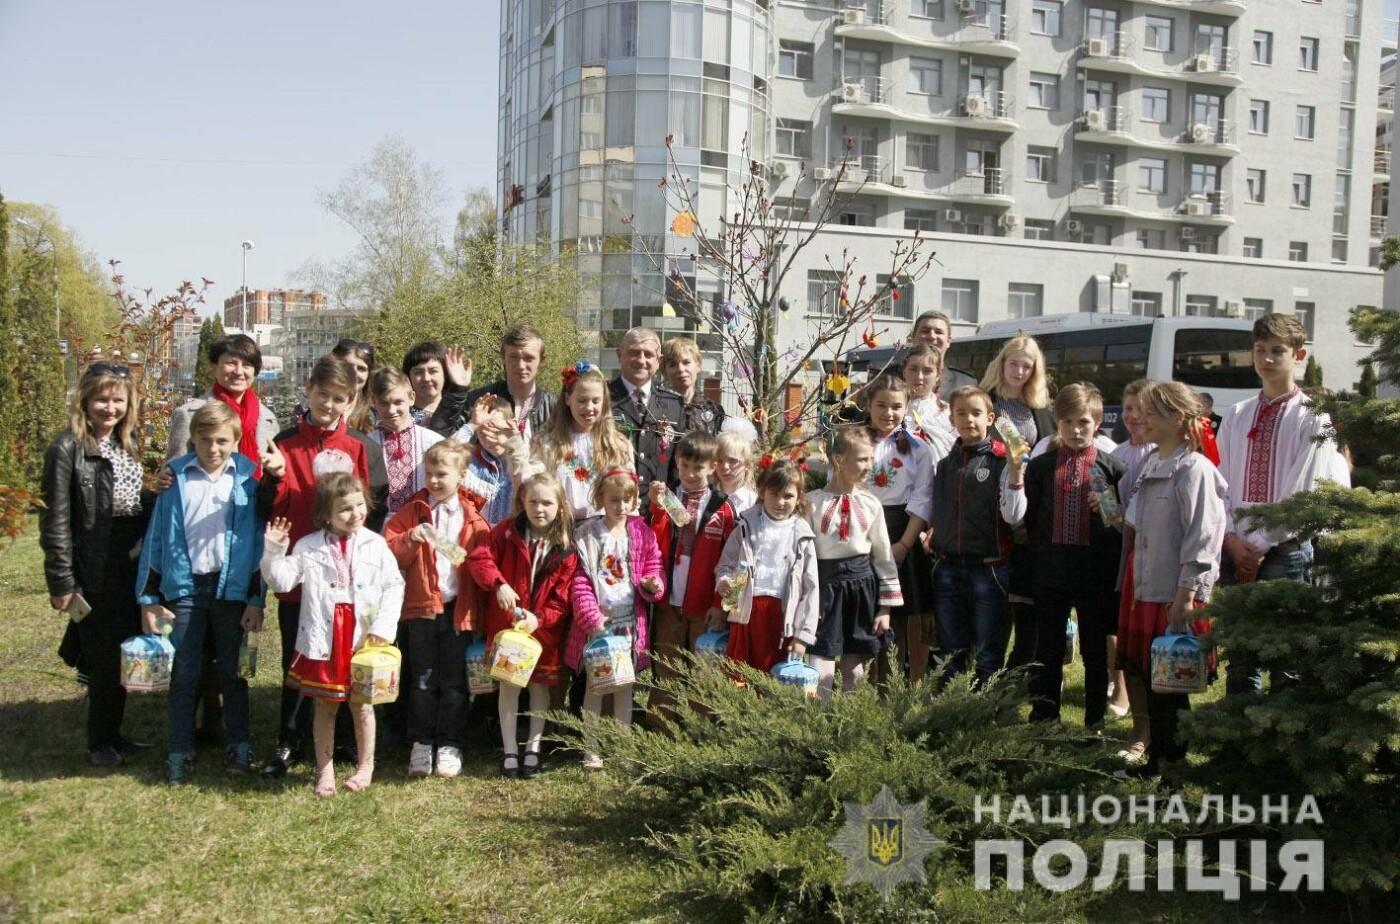 На подвір'ї Головного управління Нацполіції в Хмельницькій області з'явилось великоднє дерево (фото, відео), фото-10